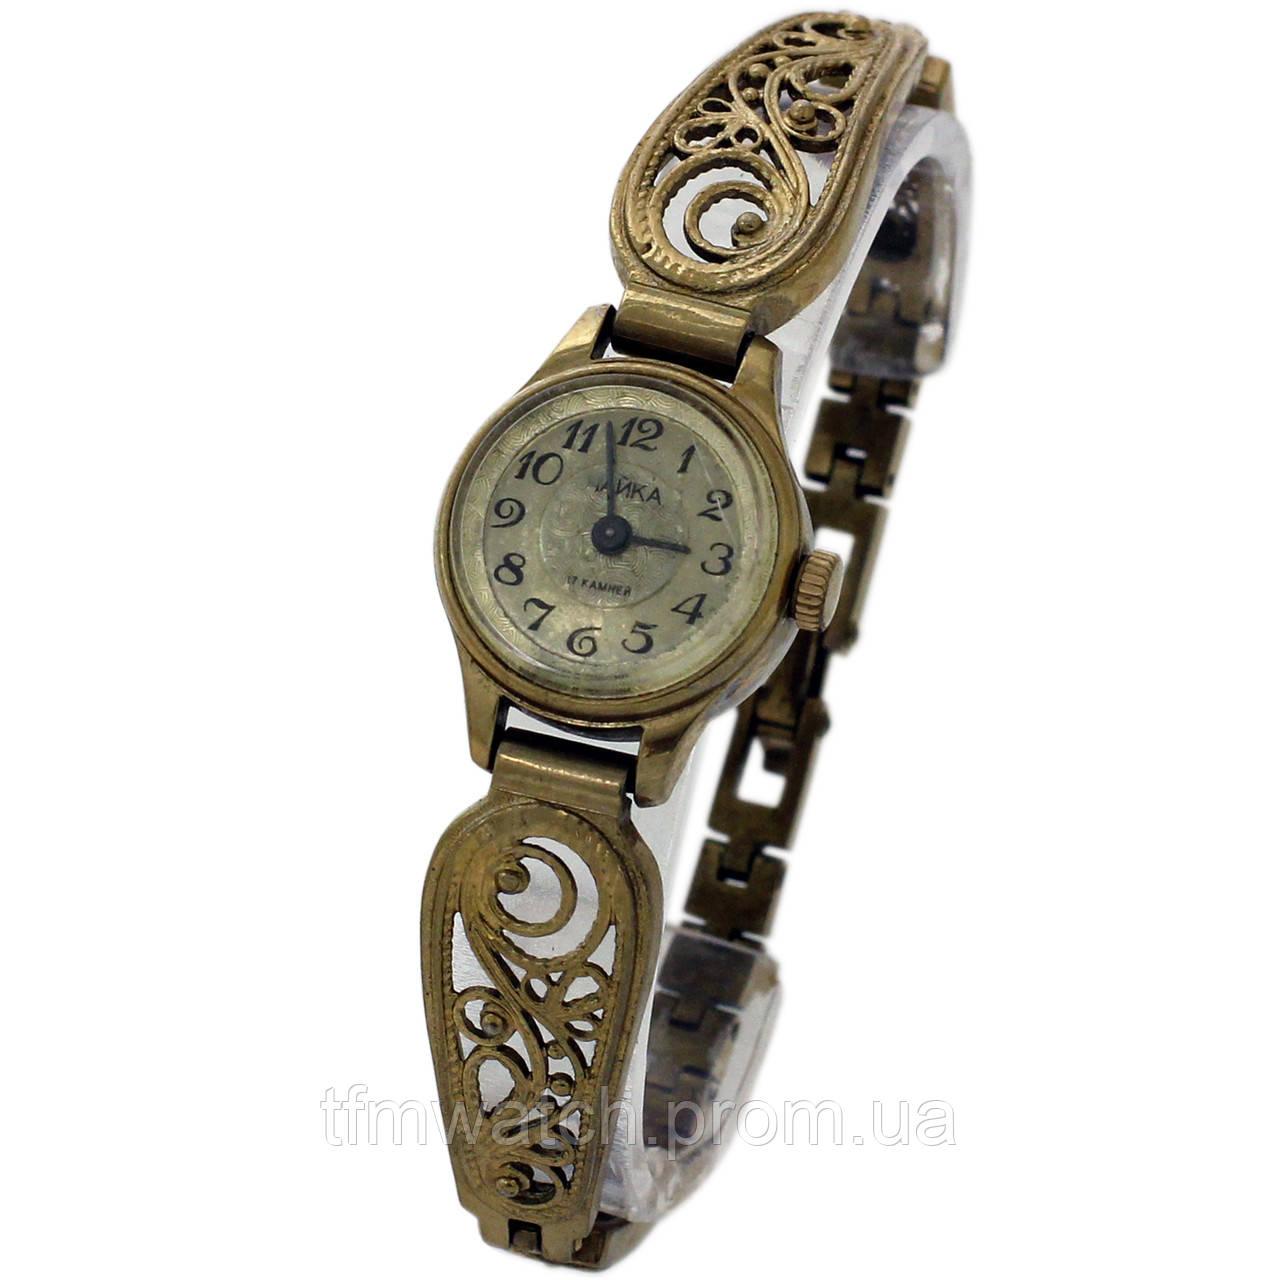 Часы стоимость женские камней чайка 17 брянске продать в часы наручные